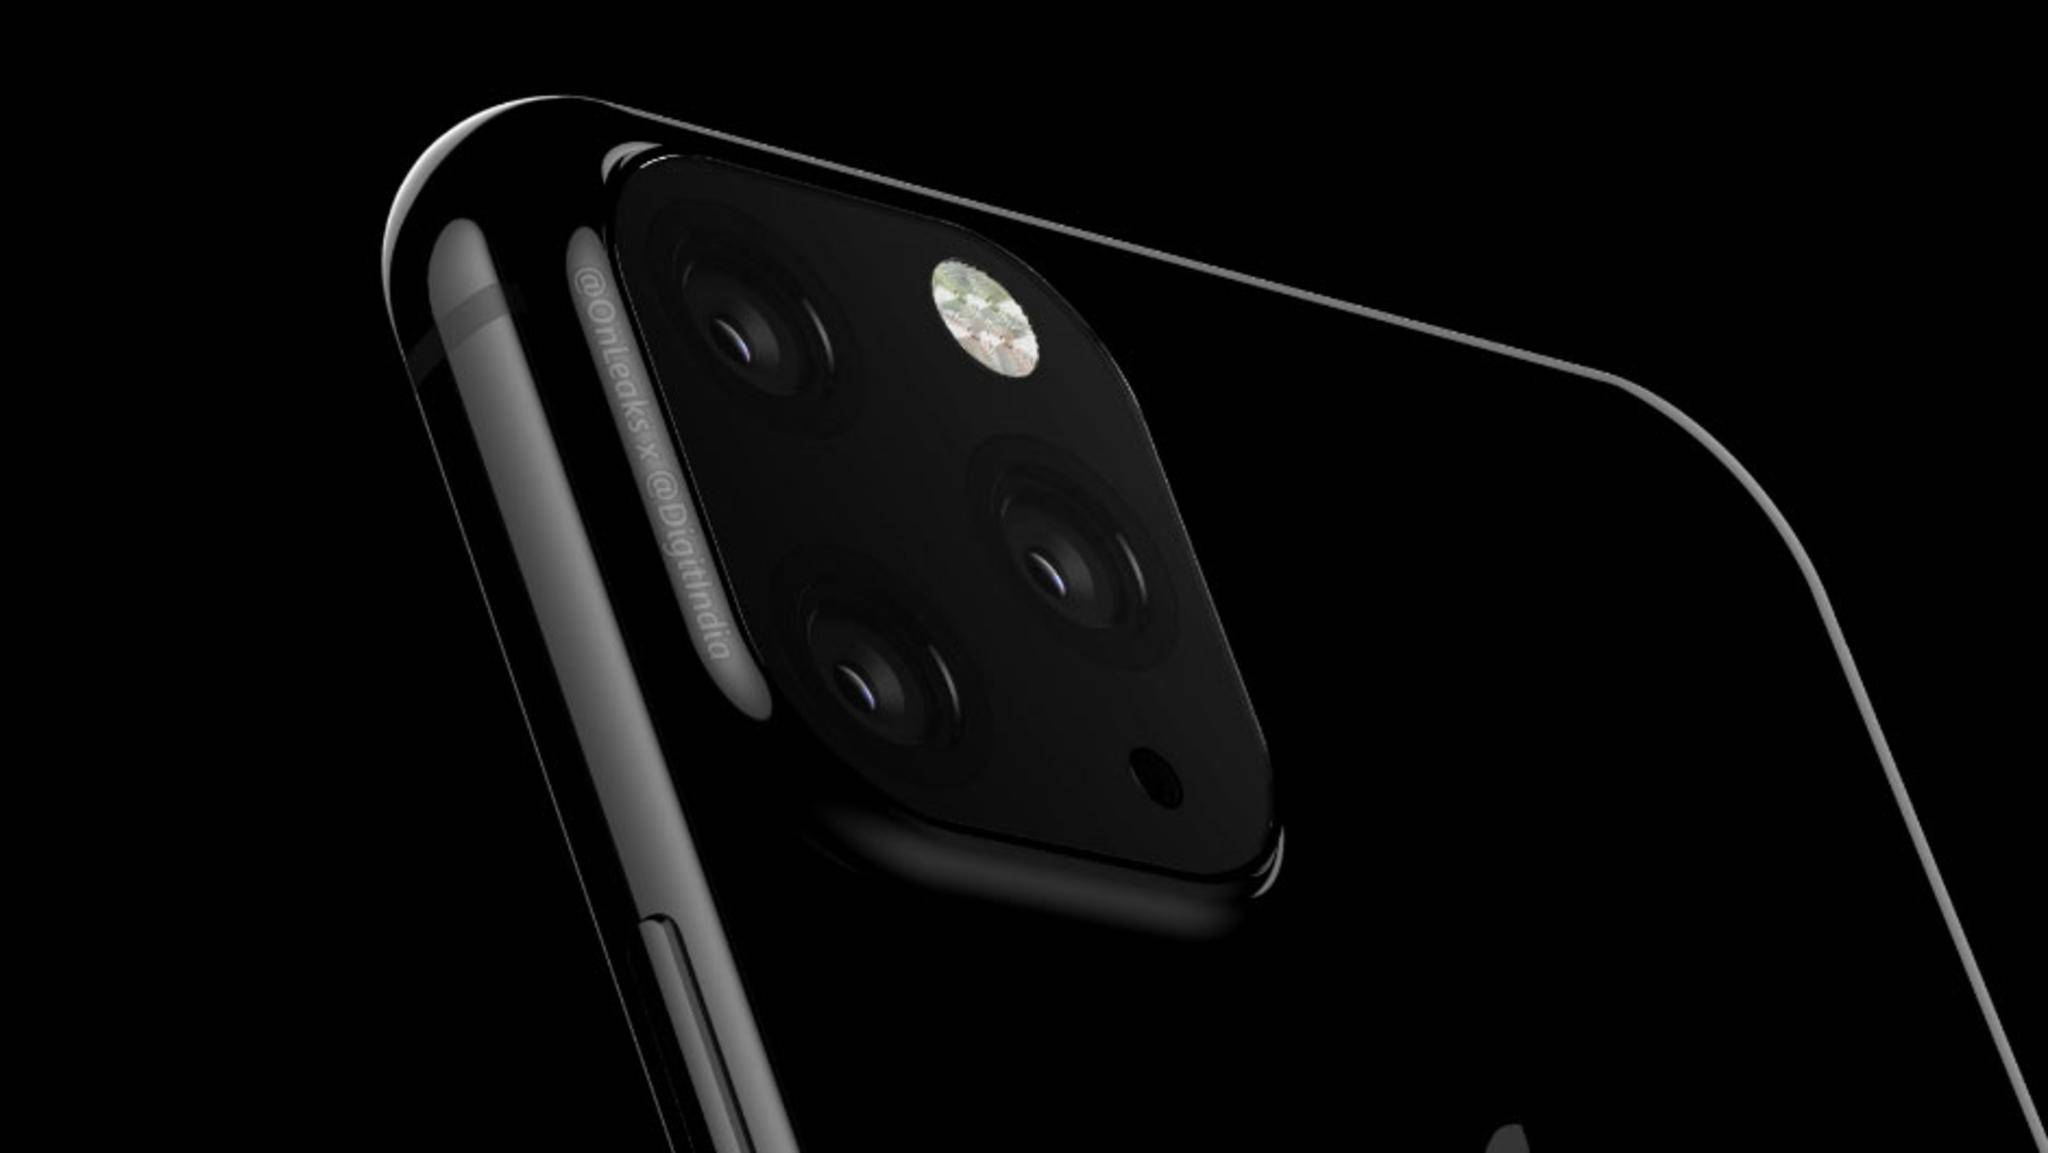 Apple spendiert 2019er iPhones eine bessere Frontkamera